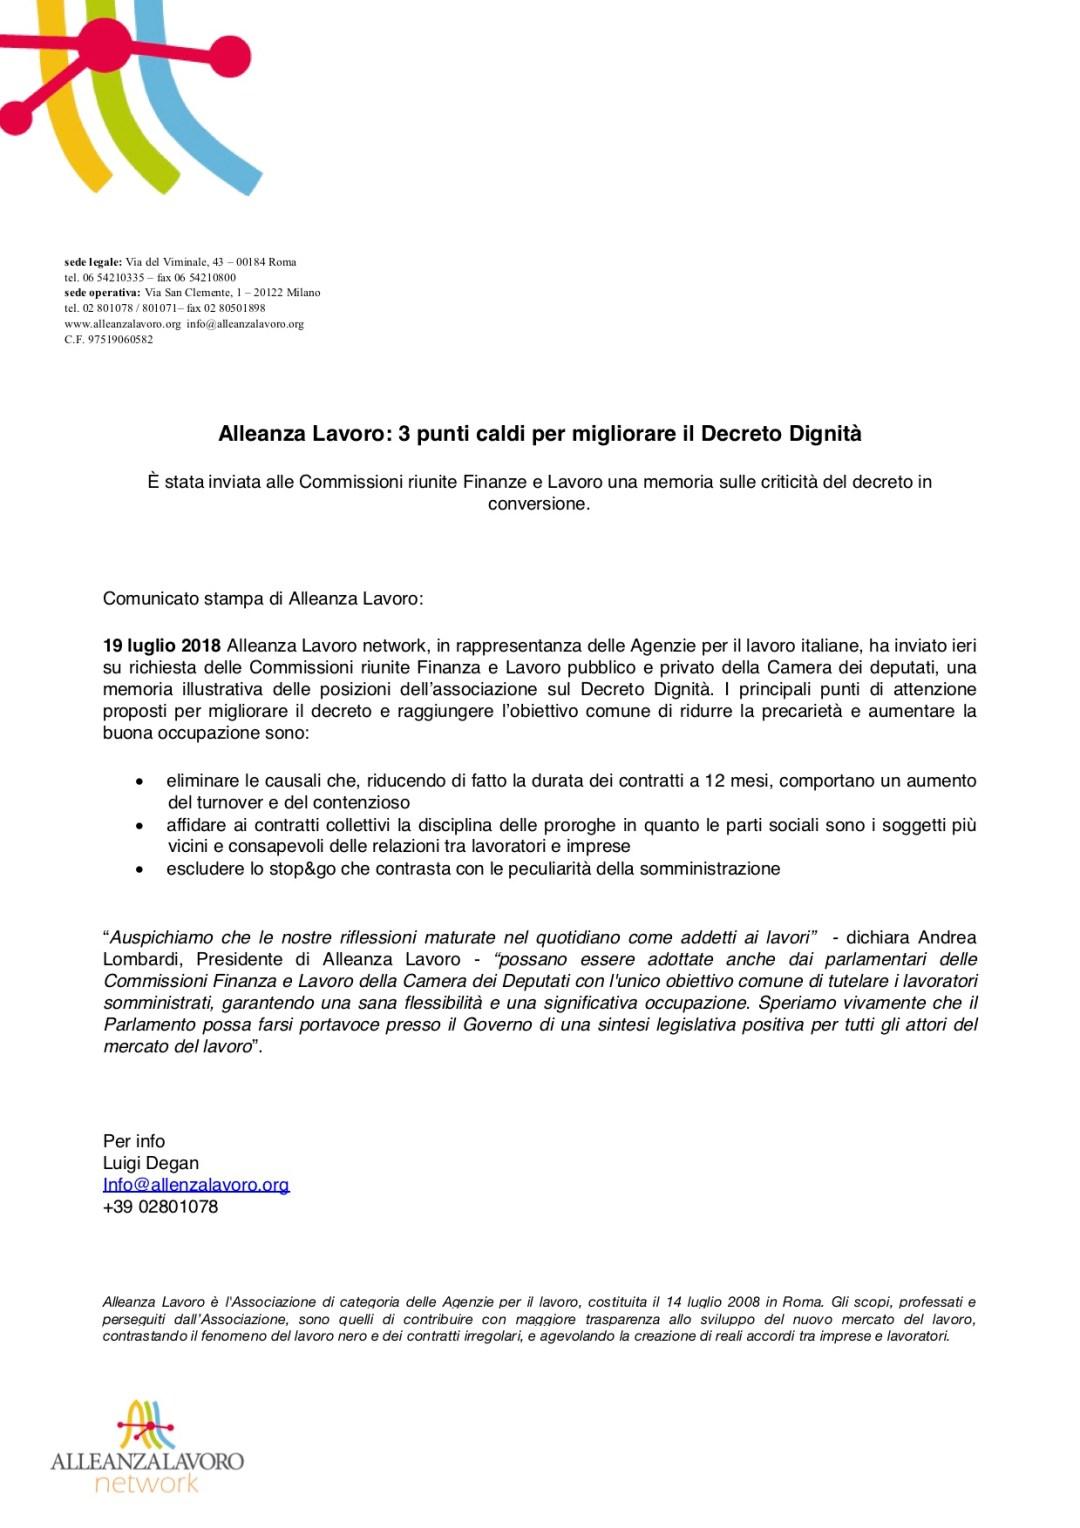 Alleanza Lavoro: 3 punti caldi per migliorare il Decreto Dignità